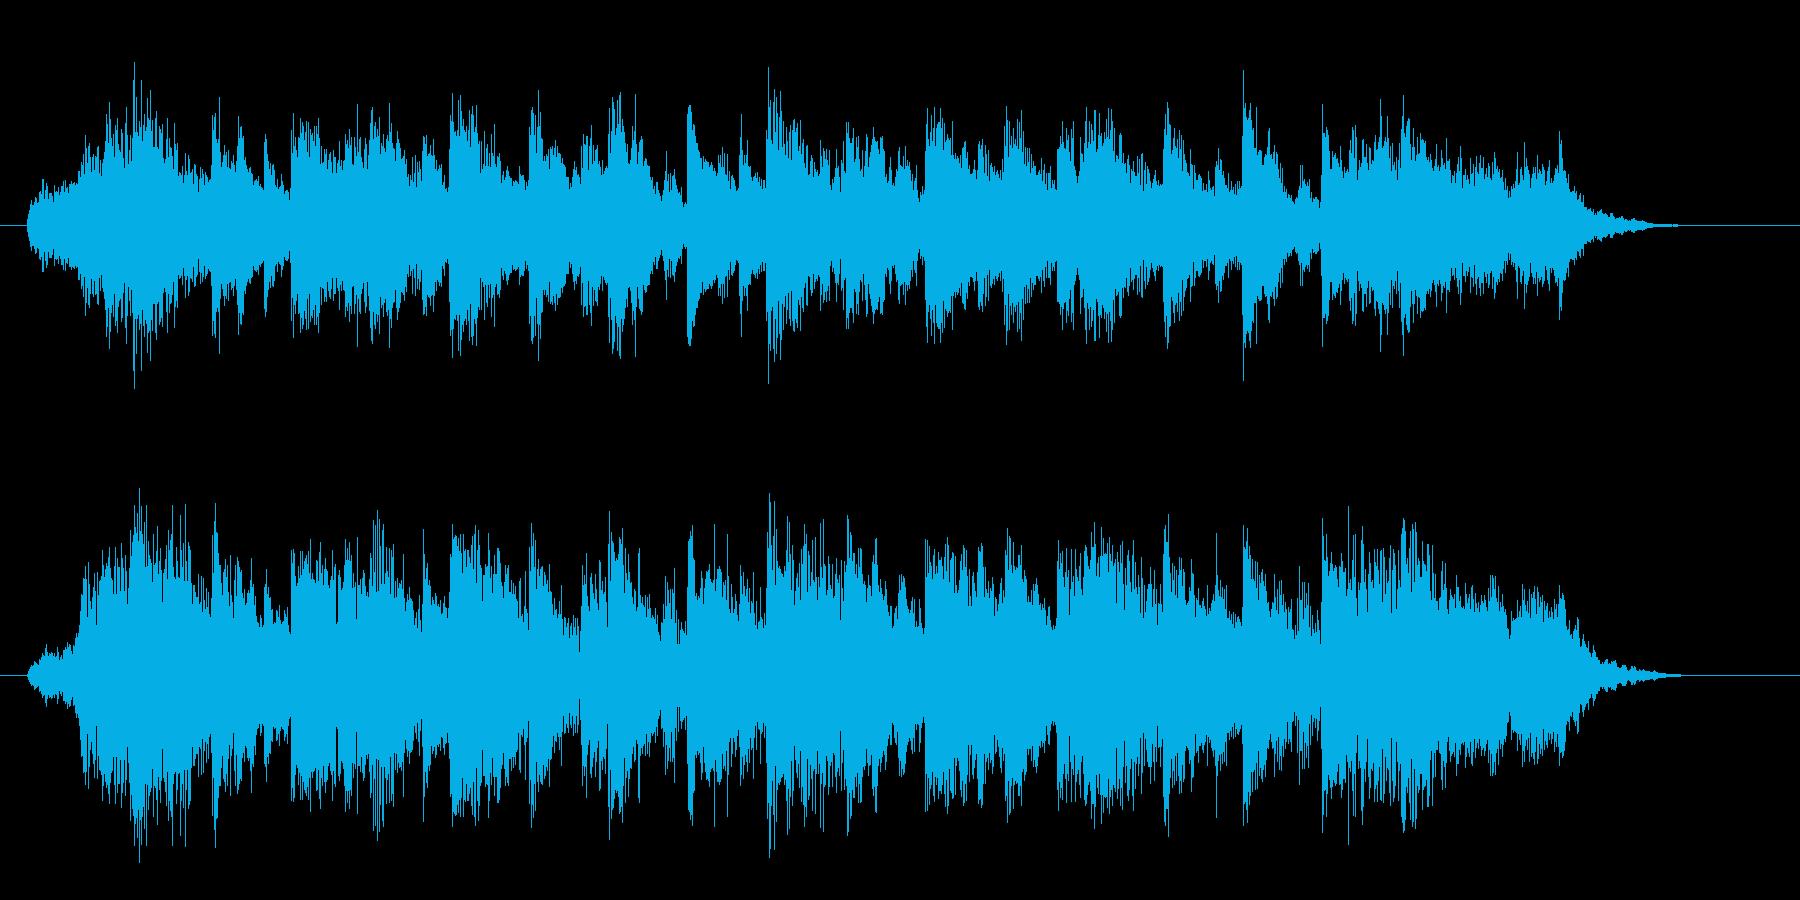 壮大で美しいシンセサイザーサウンドの再生済みの波形